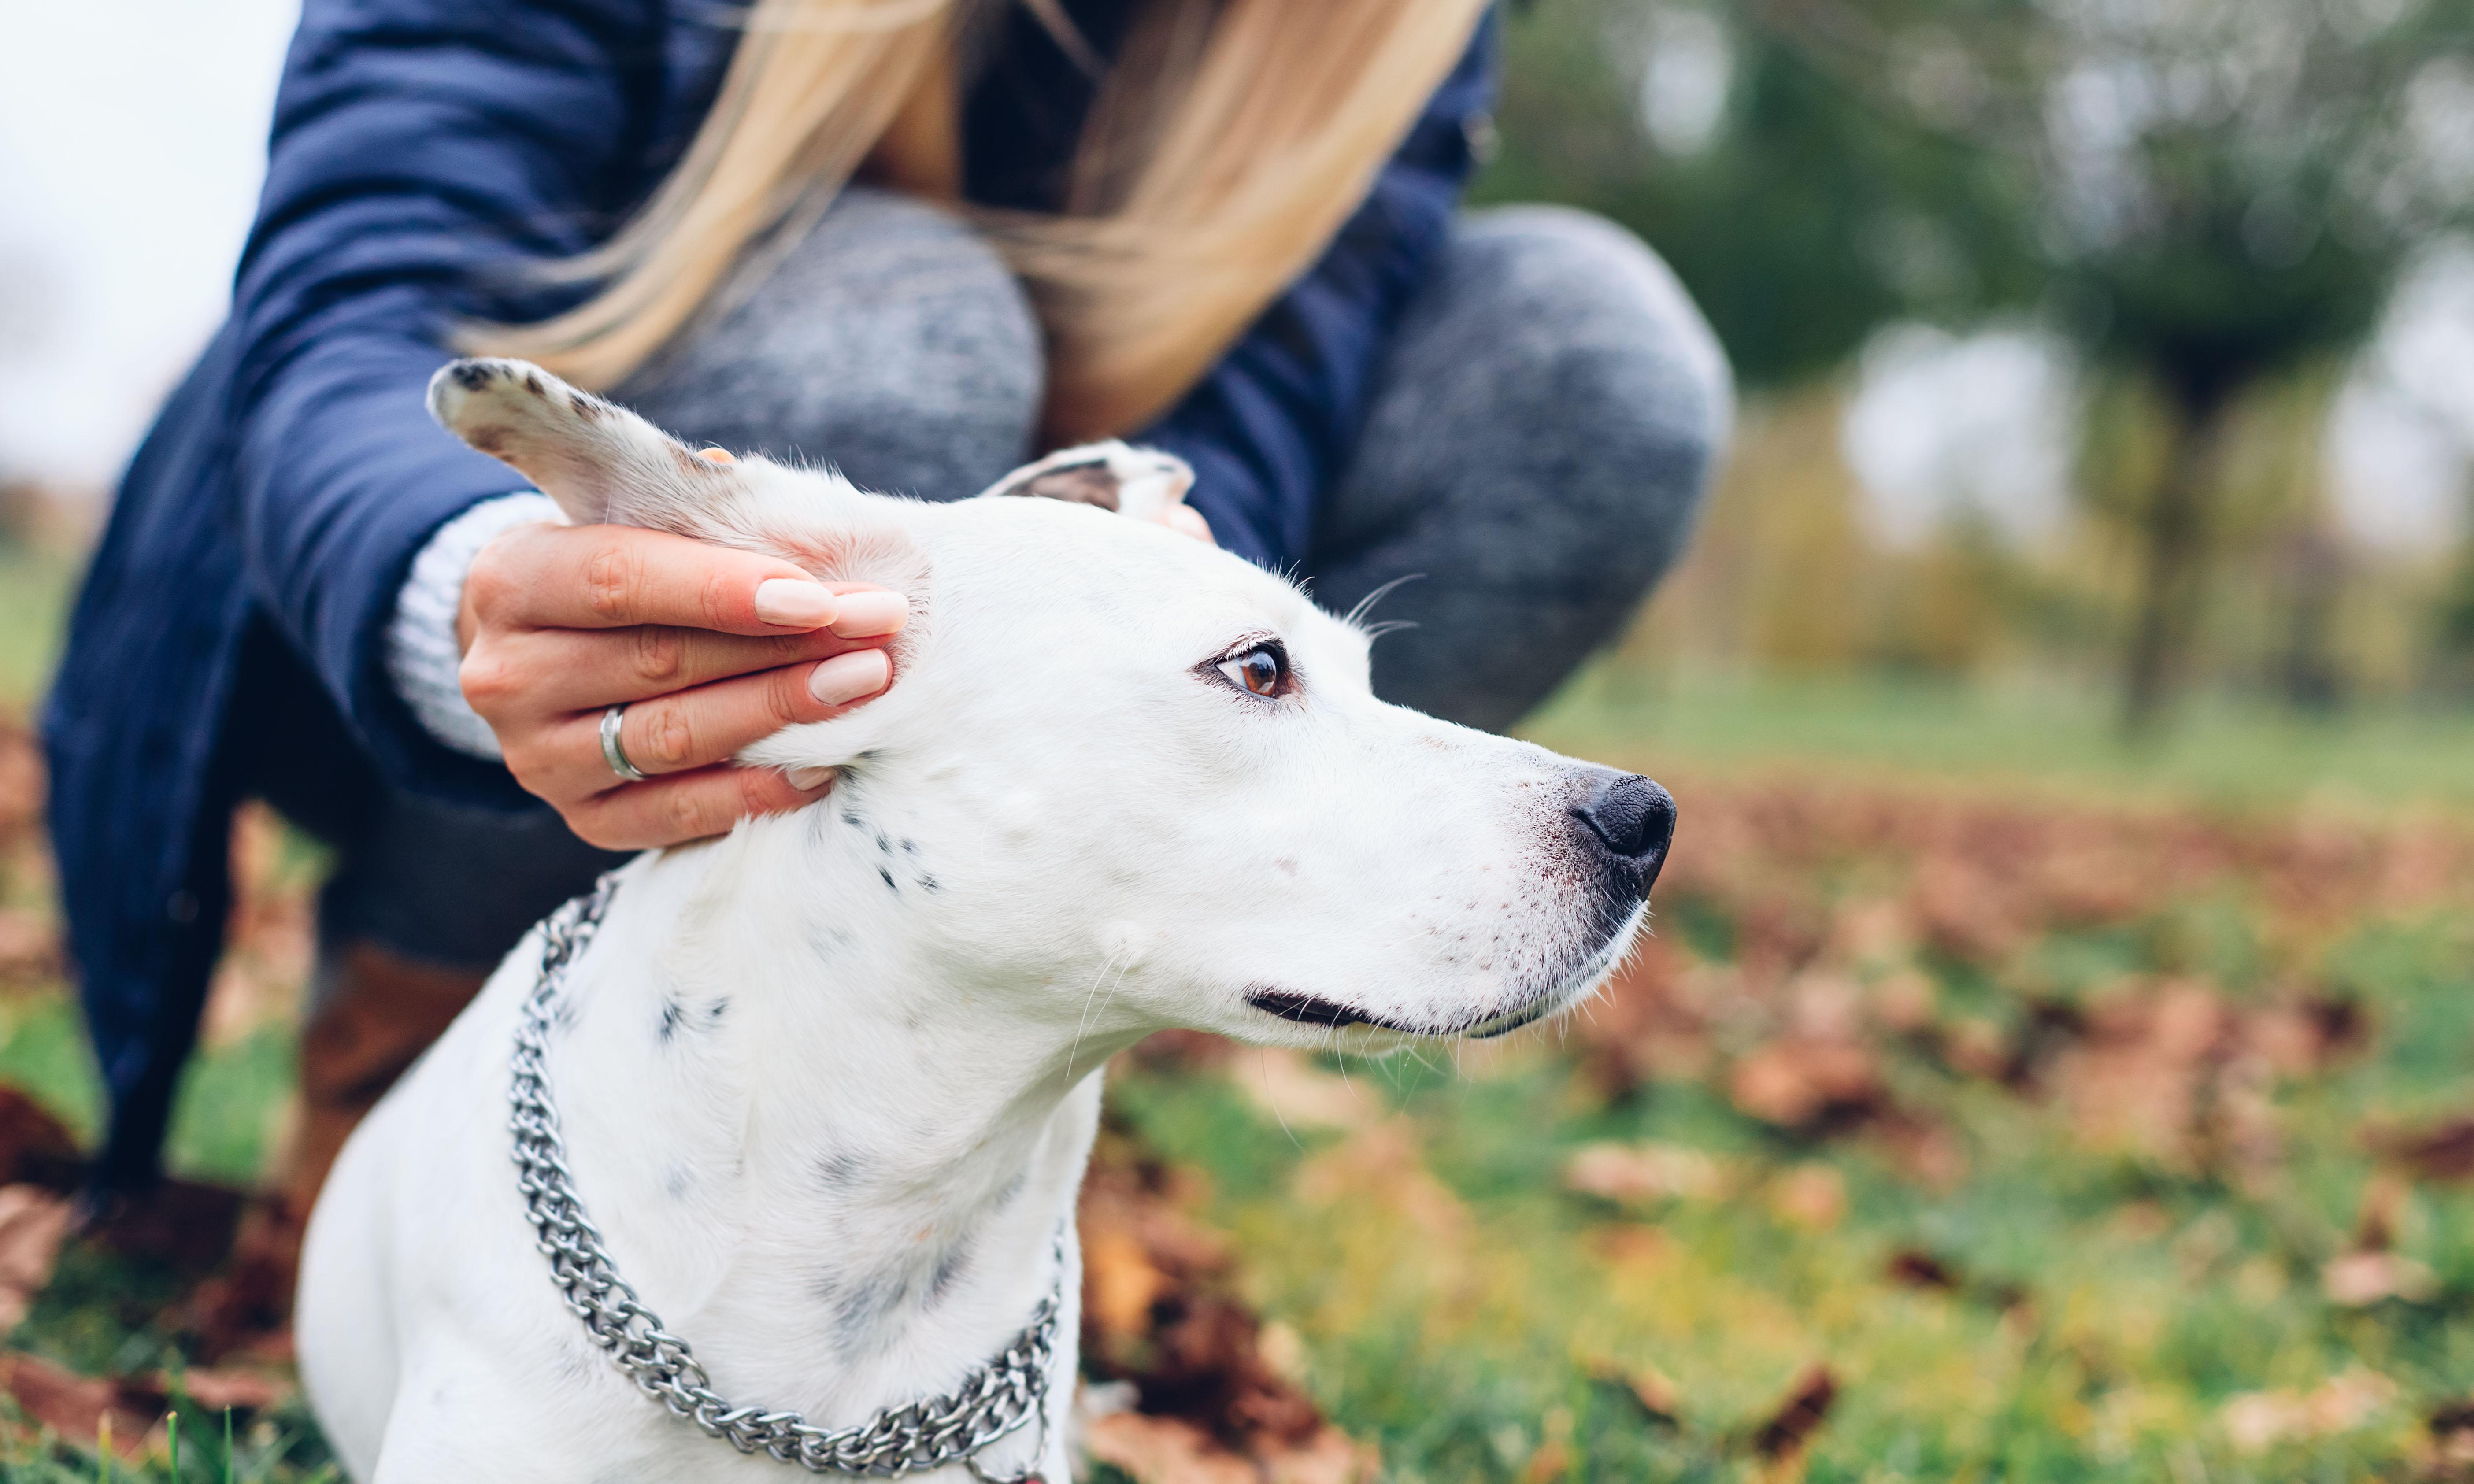 Doenças de pele em cachorro: como prevenir e cuidar no inverno?